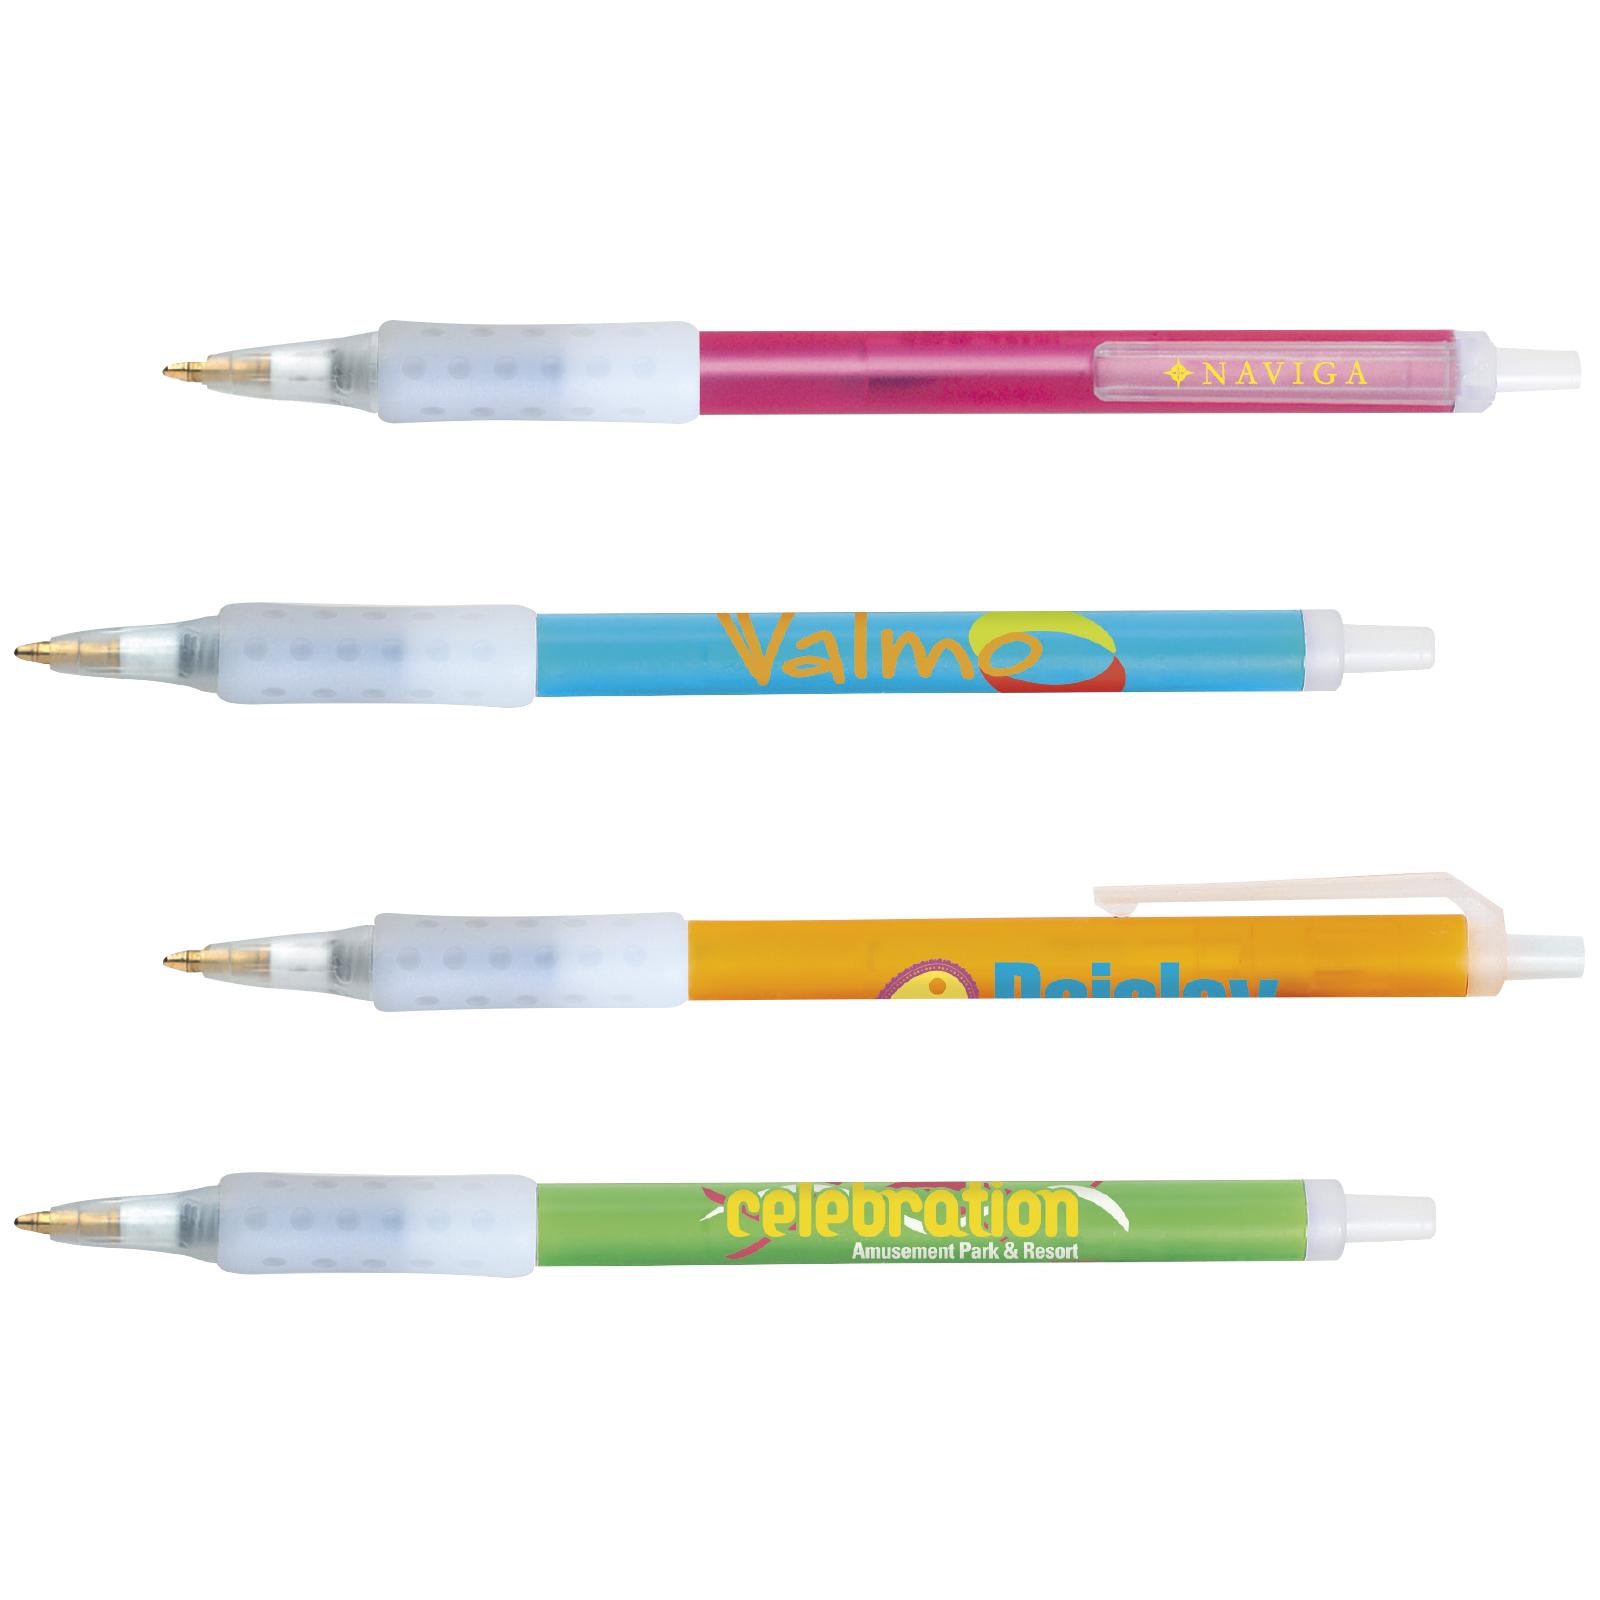 bic clic stic ice grip pen